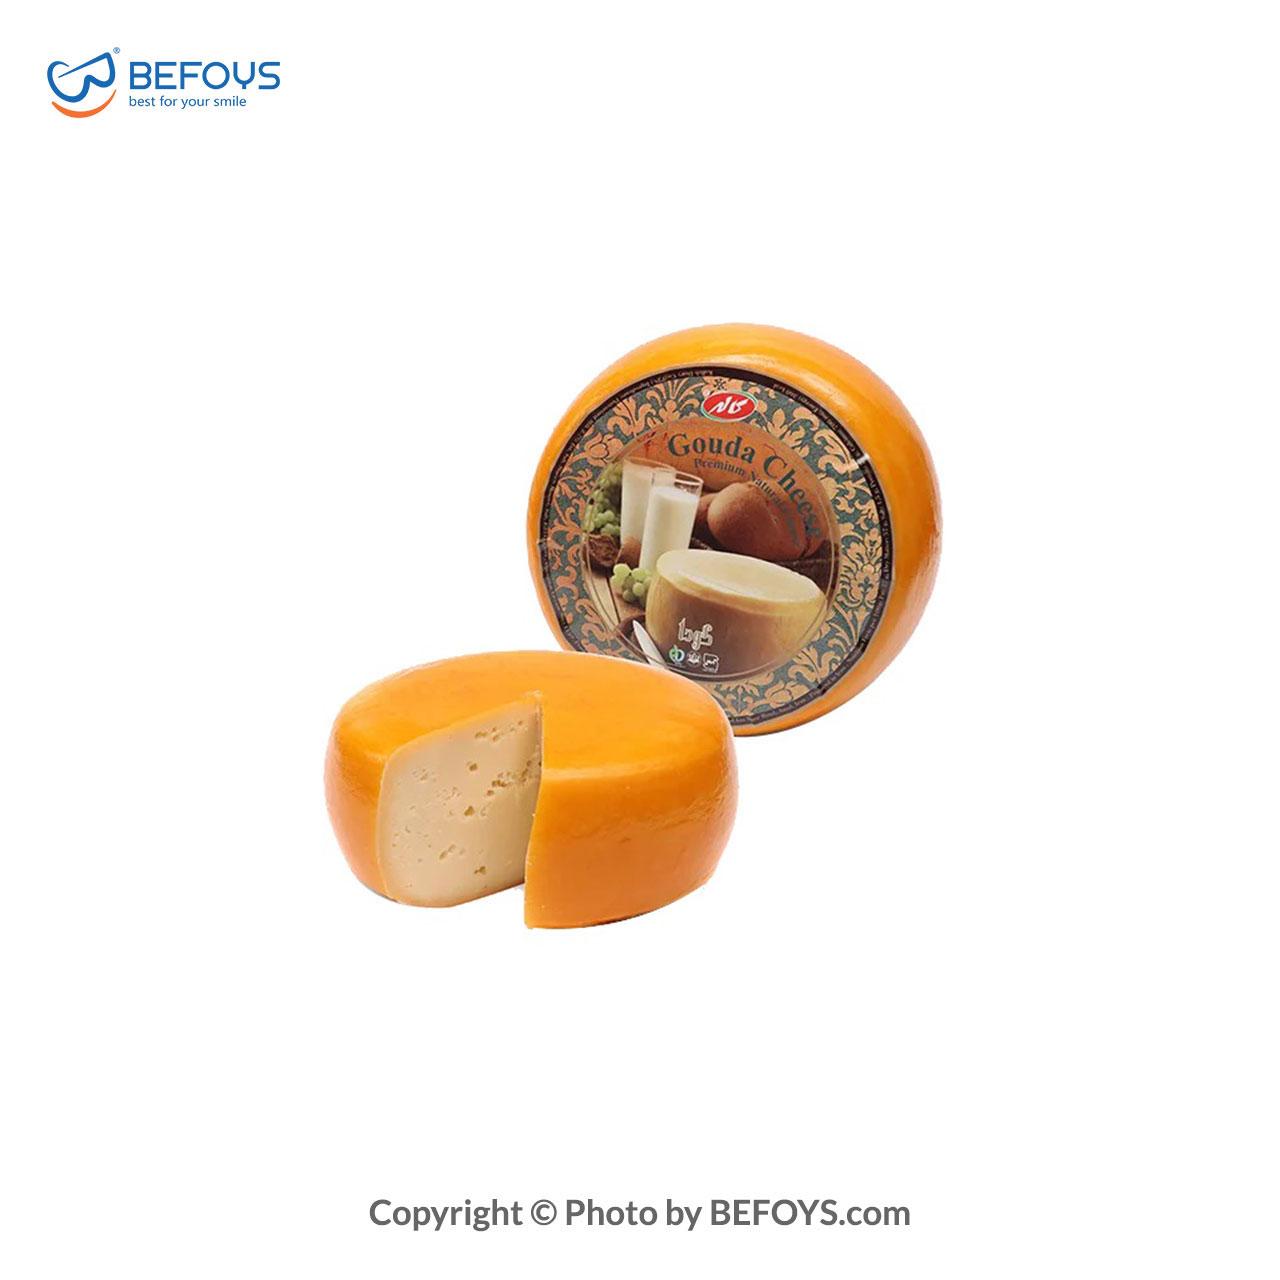 پنیر گودا قالبی